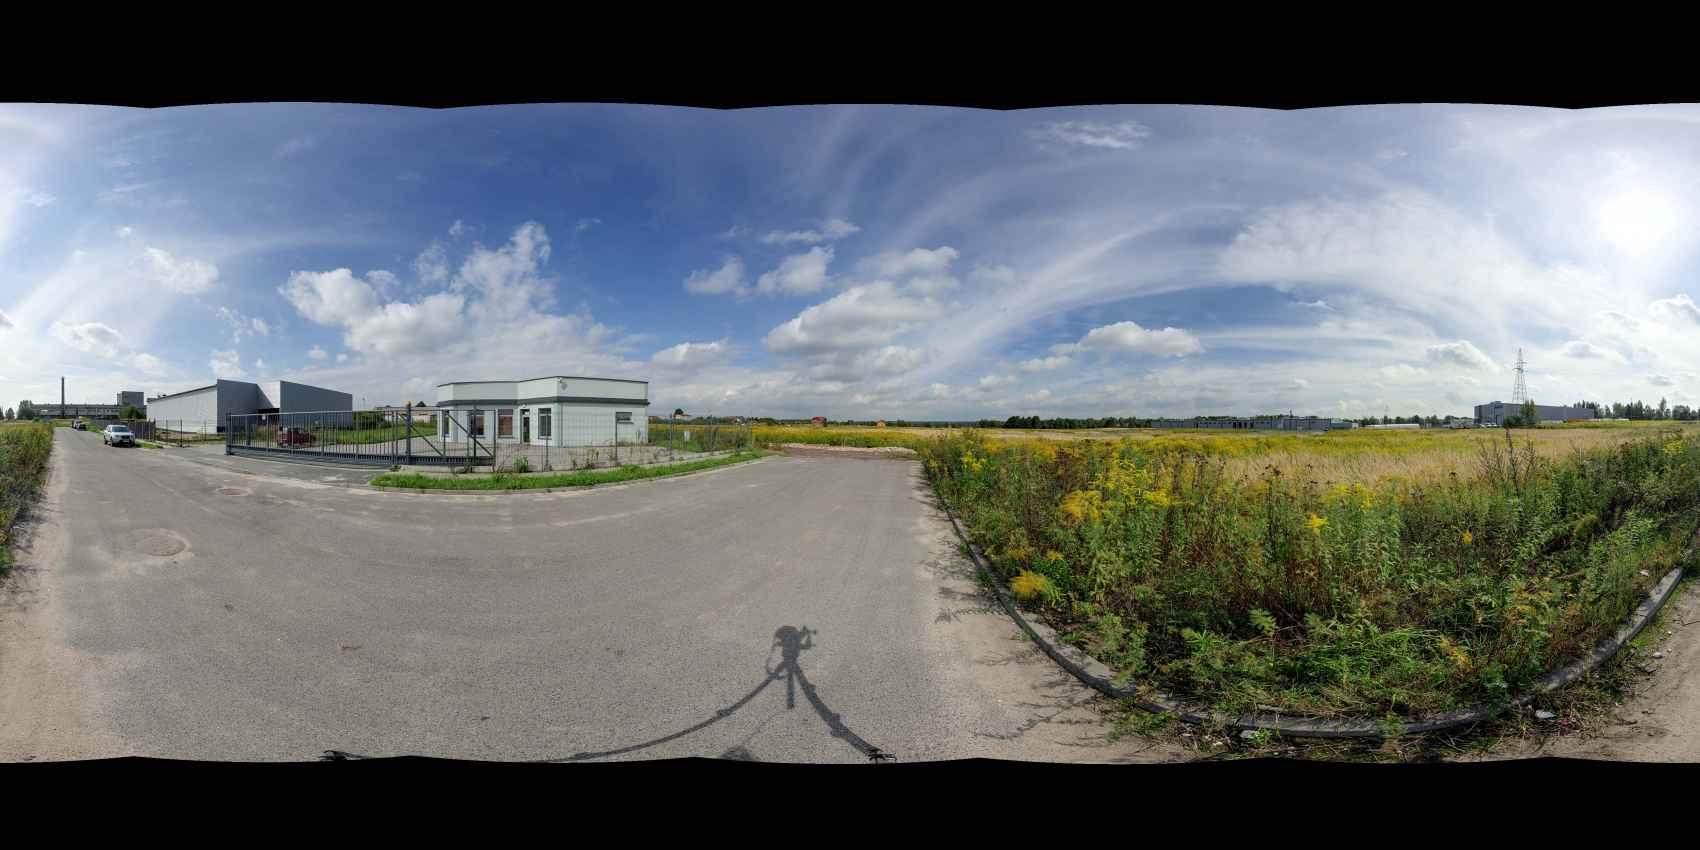 Prezentacja panoramiczna dla obiektu Katowicka Specjalna Strefa Ekonomicza